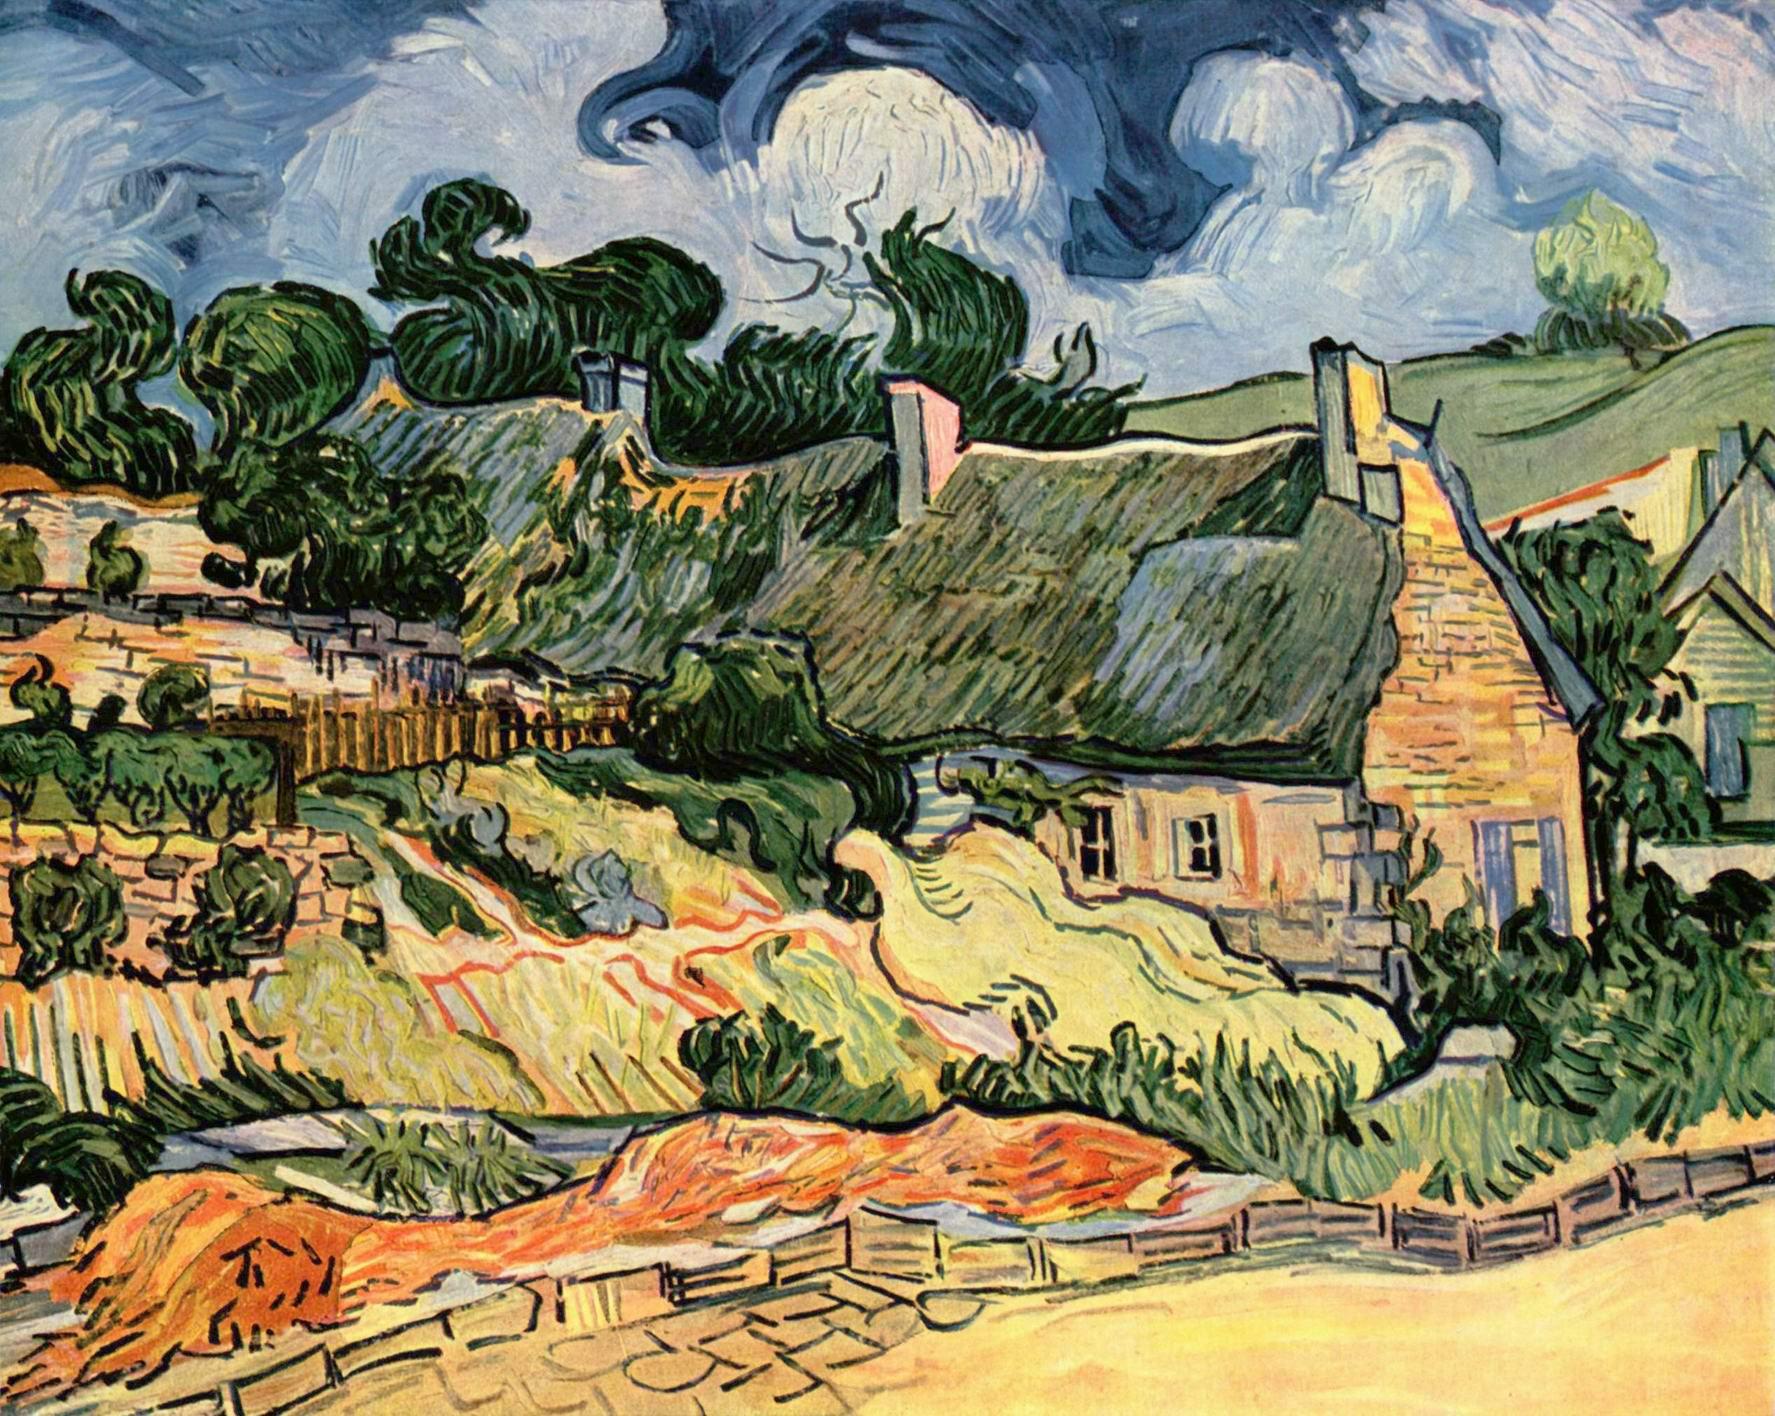 Хижины в Кордевилле (Дома в Овере, или Крытые соломой дома в Кордевилле), Ван Гог Винсент Виллем